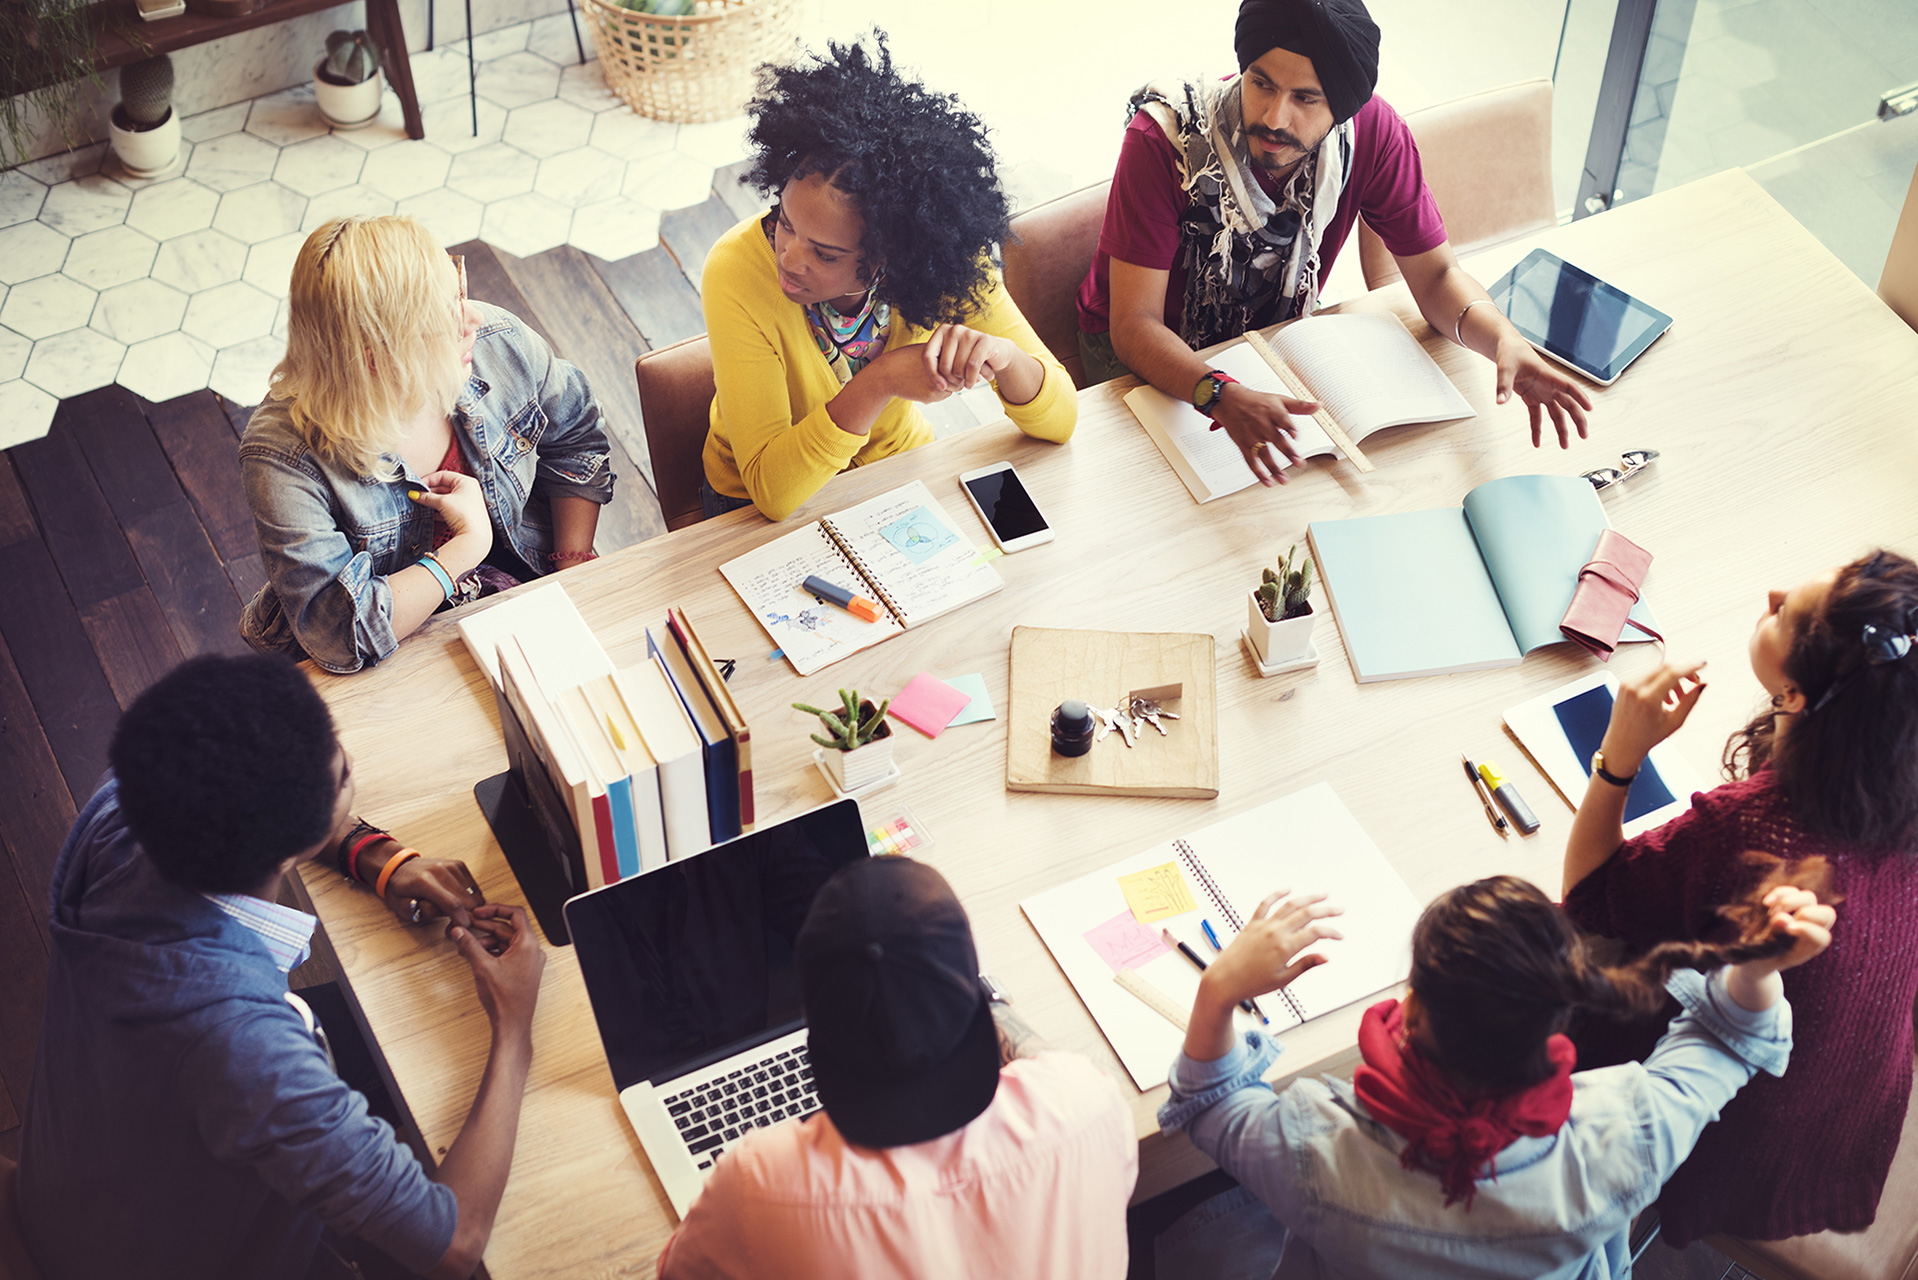 Groep-collegas-in-gesprek-aan-tafel